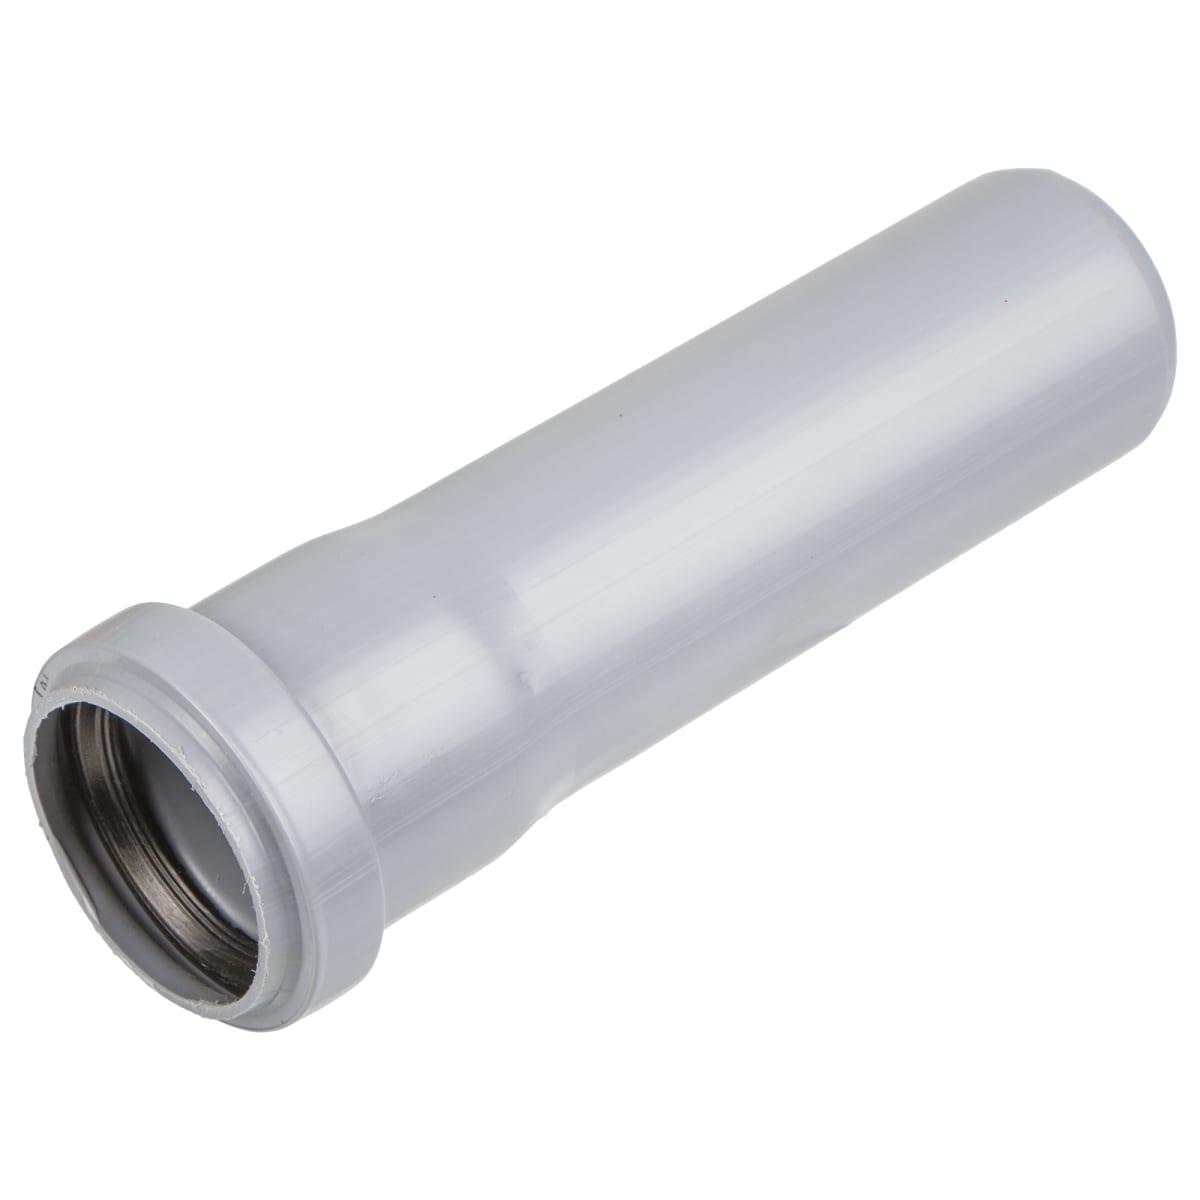 Труба канализационная ГОСТ Ø 50х1.8 мм L 0.15м полипропилен